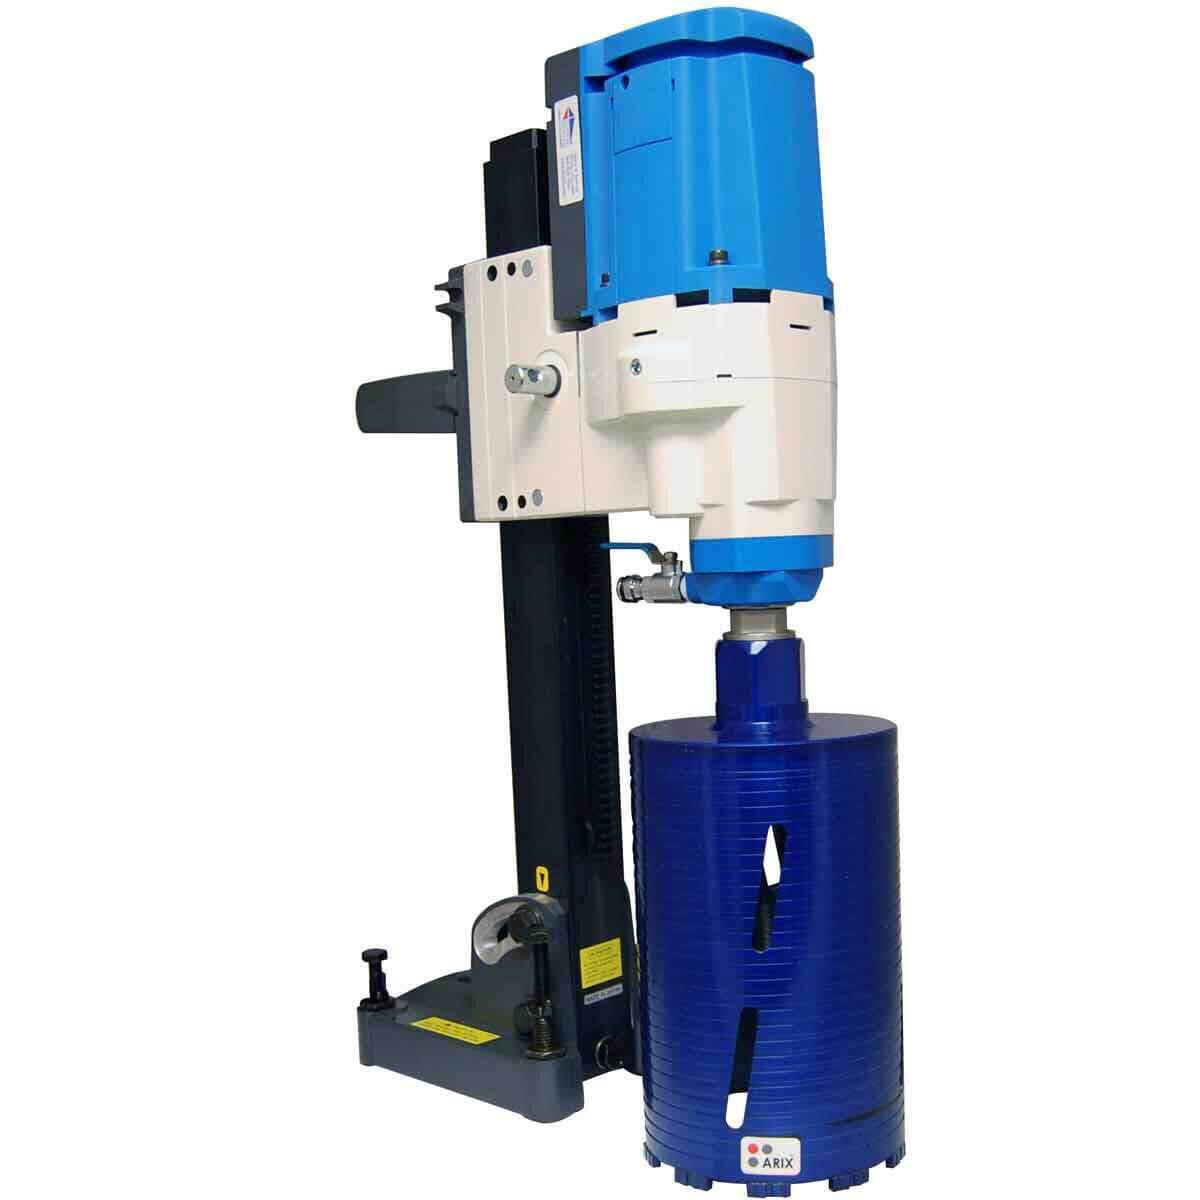 Diteq Blu-Drill TS-162 Drill with Dry Diamond Core Bit